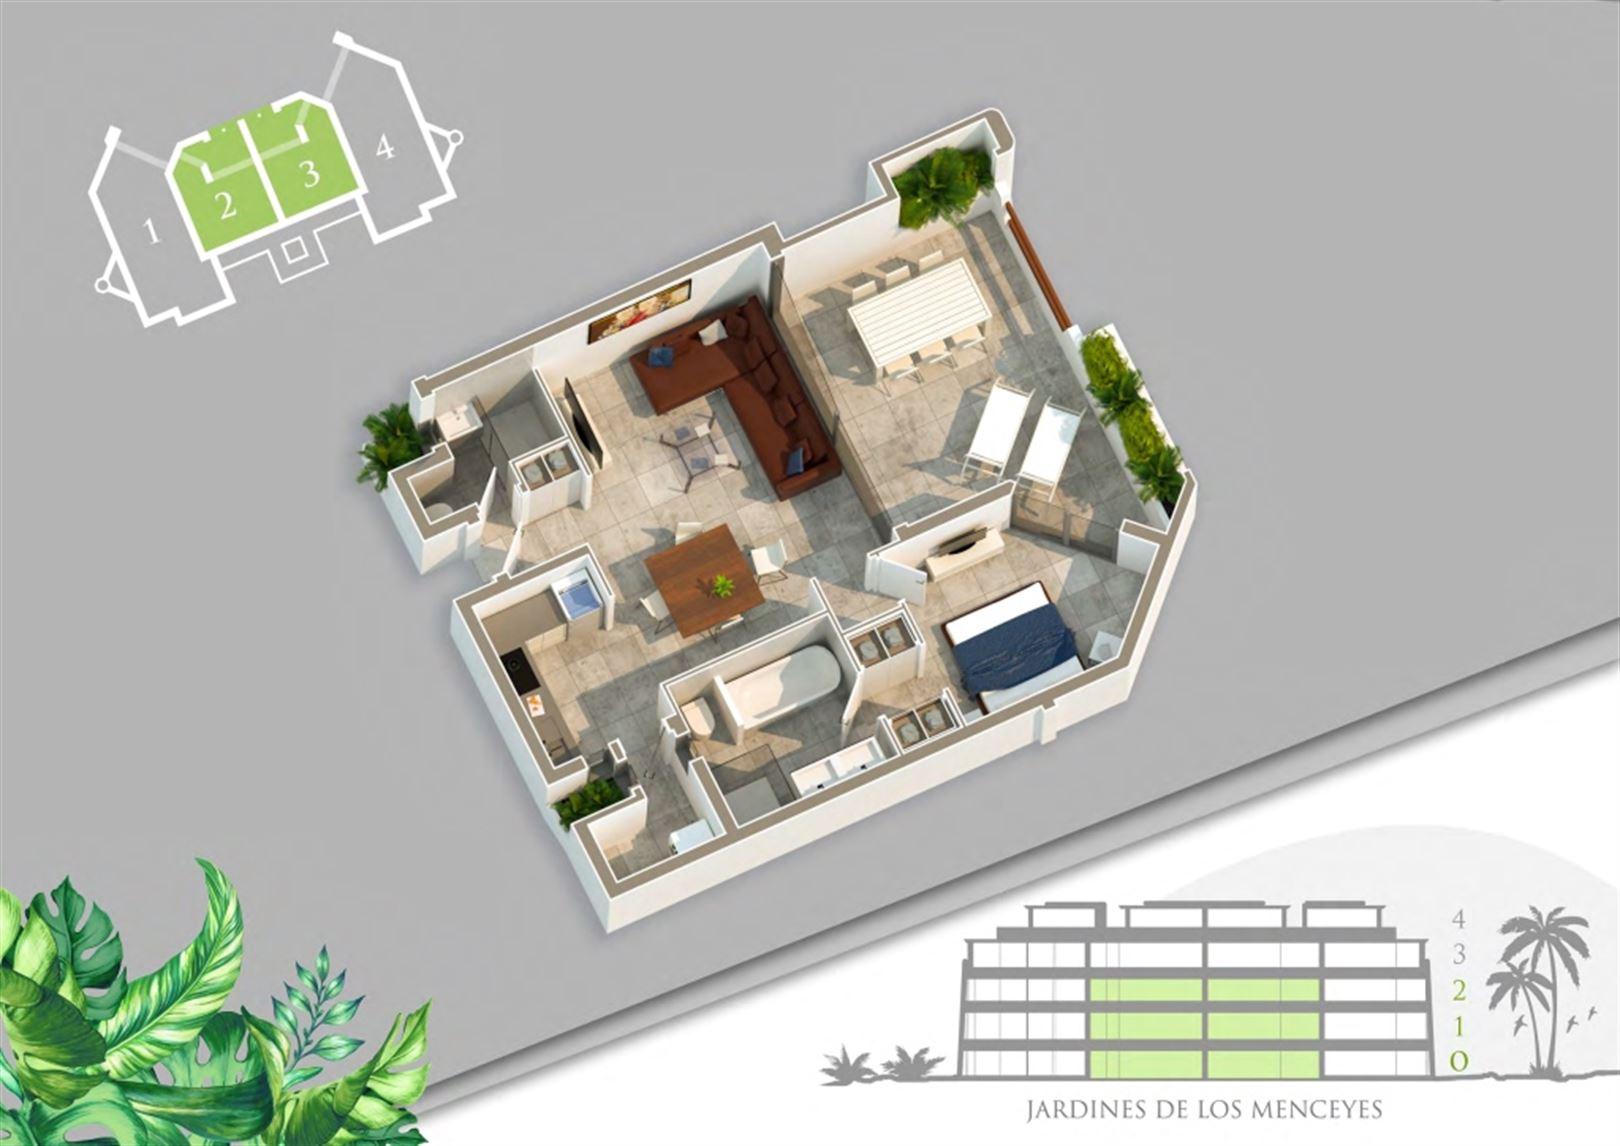 Foto 5 : Appartement te  ARONA - PALM MAR (Spanje) - Prijs Prijs op aanvraag